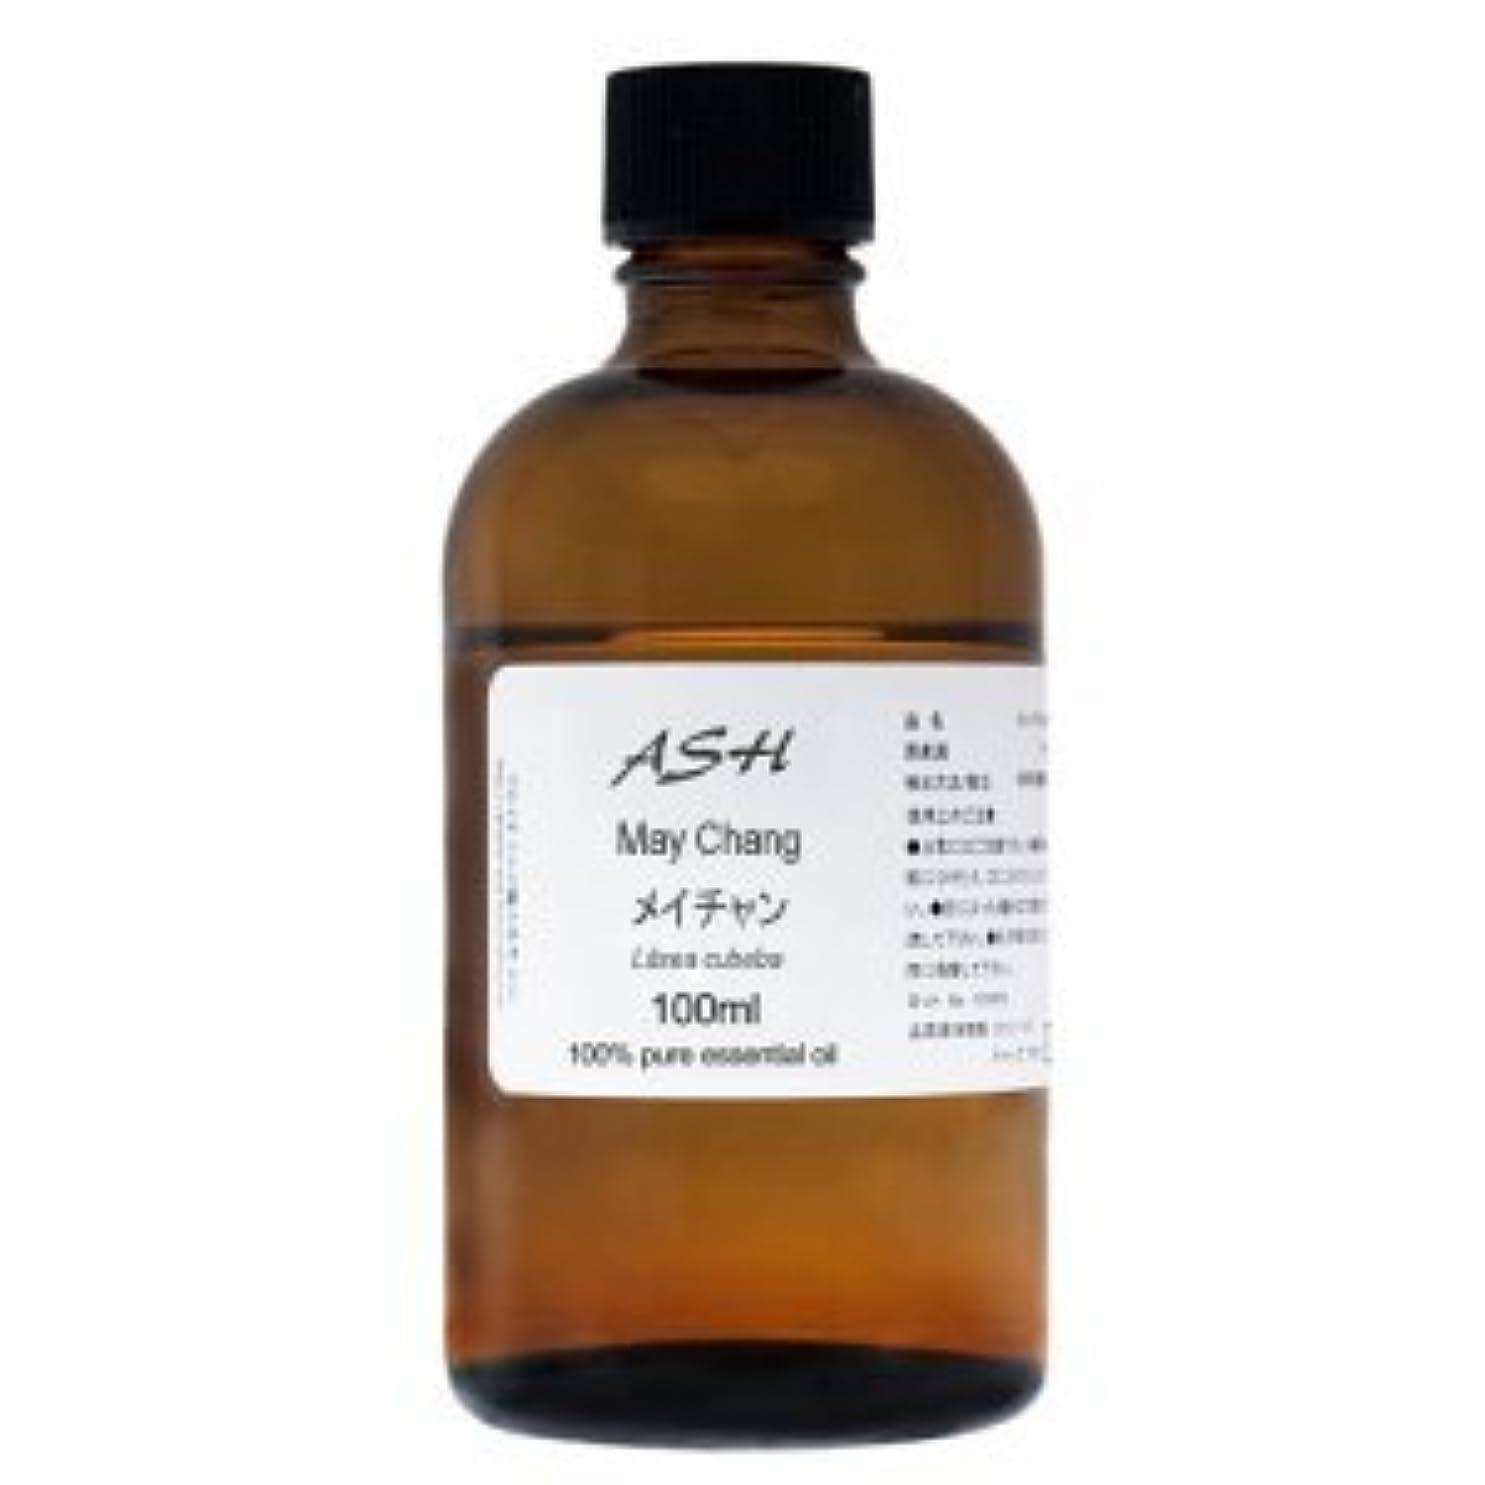 傘謎半導体ASH メイチャン エッセンシャルオイル 100ml AEAJ表示基準適合認定精油